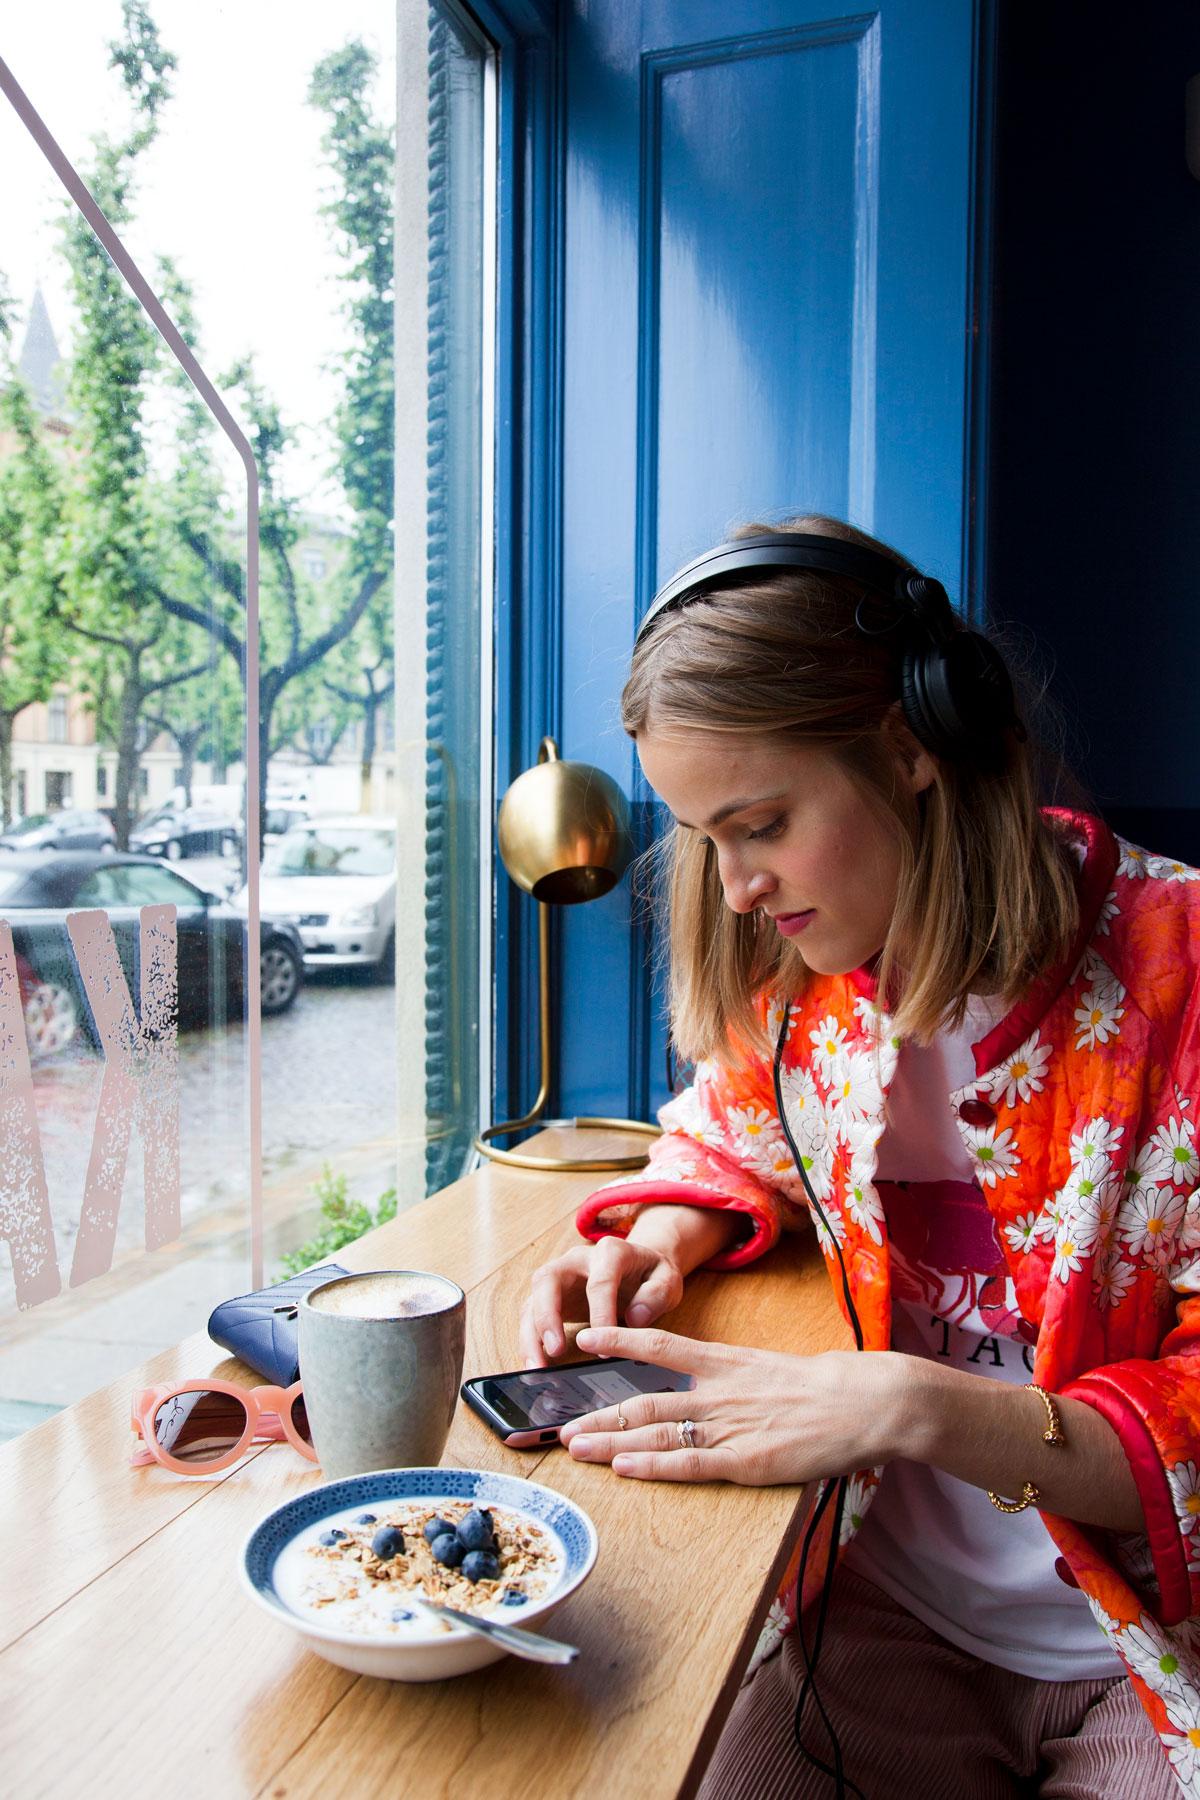 rockpaperdresses, cathrine widunok wichmand, Julie Bjarnhoff, mofibo, den gode kaffe frederiksberg allé